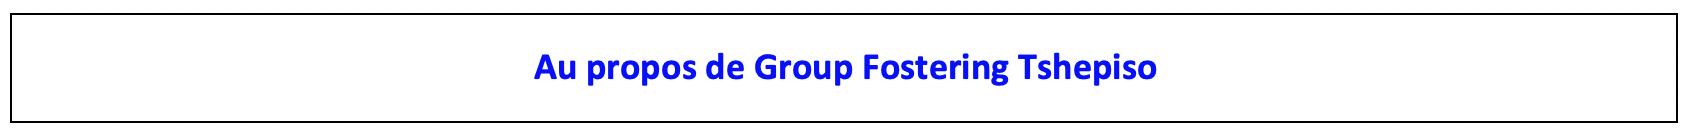 Enjoy Africa Tours Au propos de Group Fostering